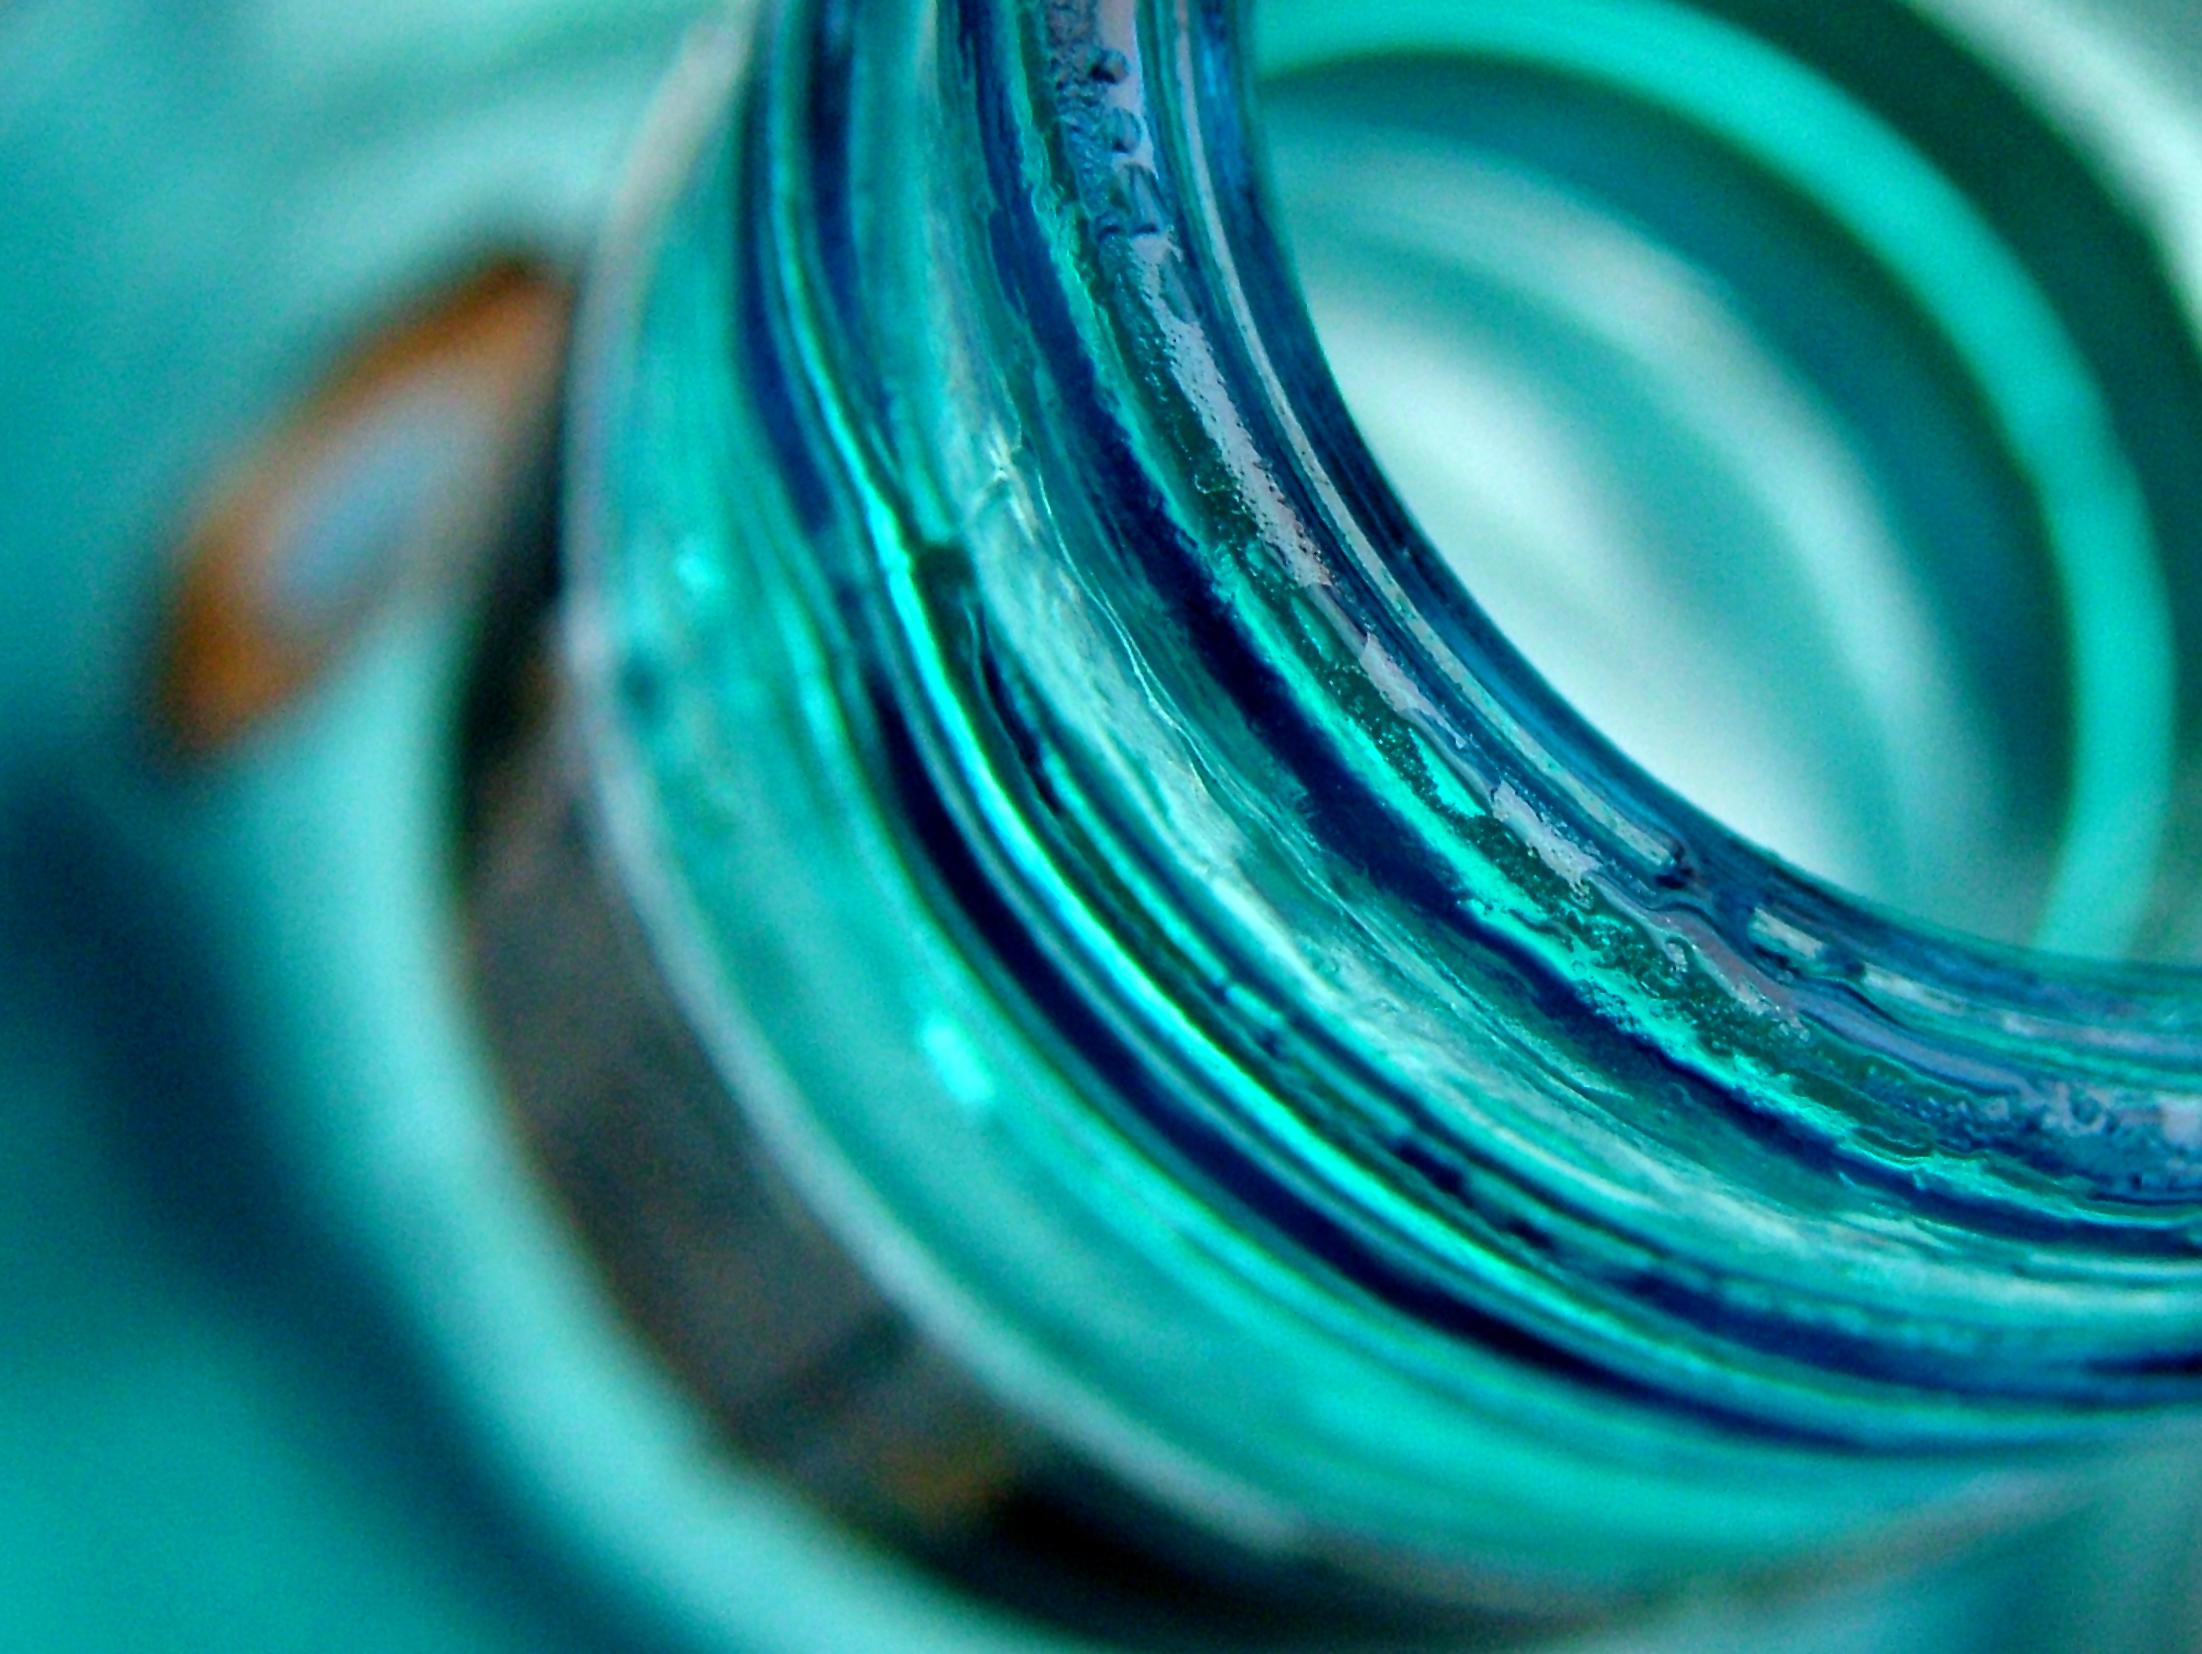 glass_bottle_814848_83958059.jpg